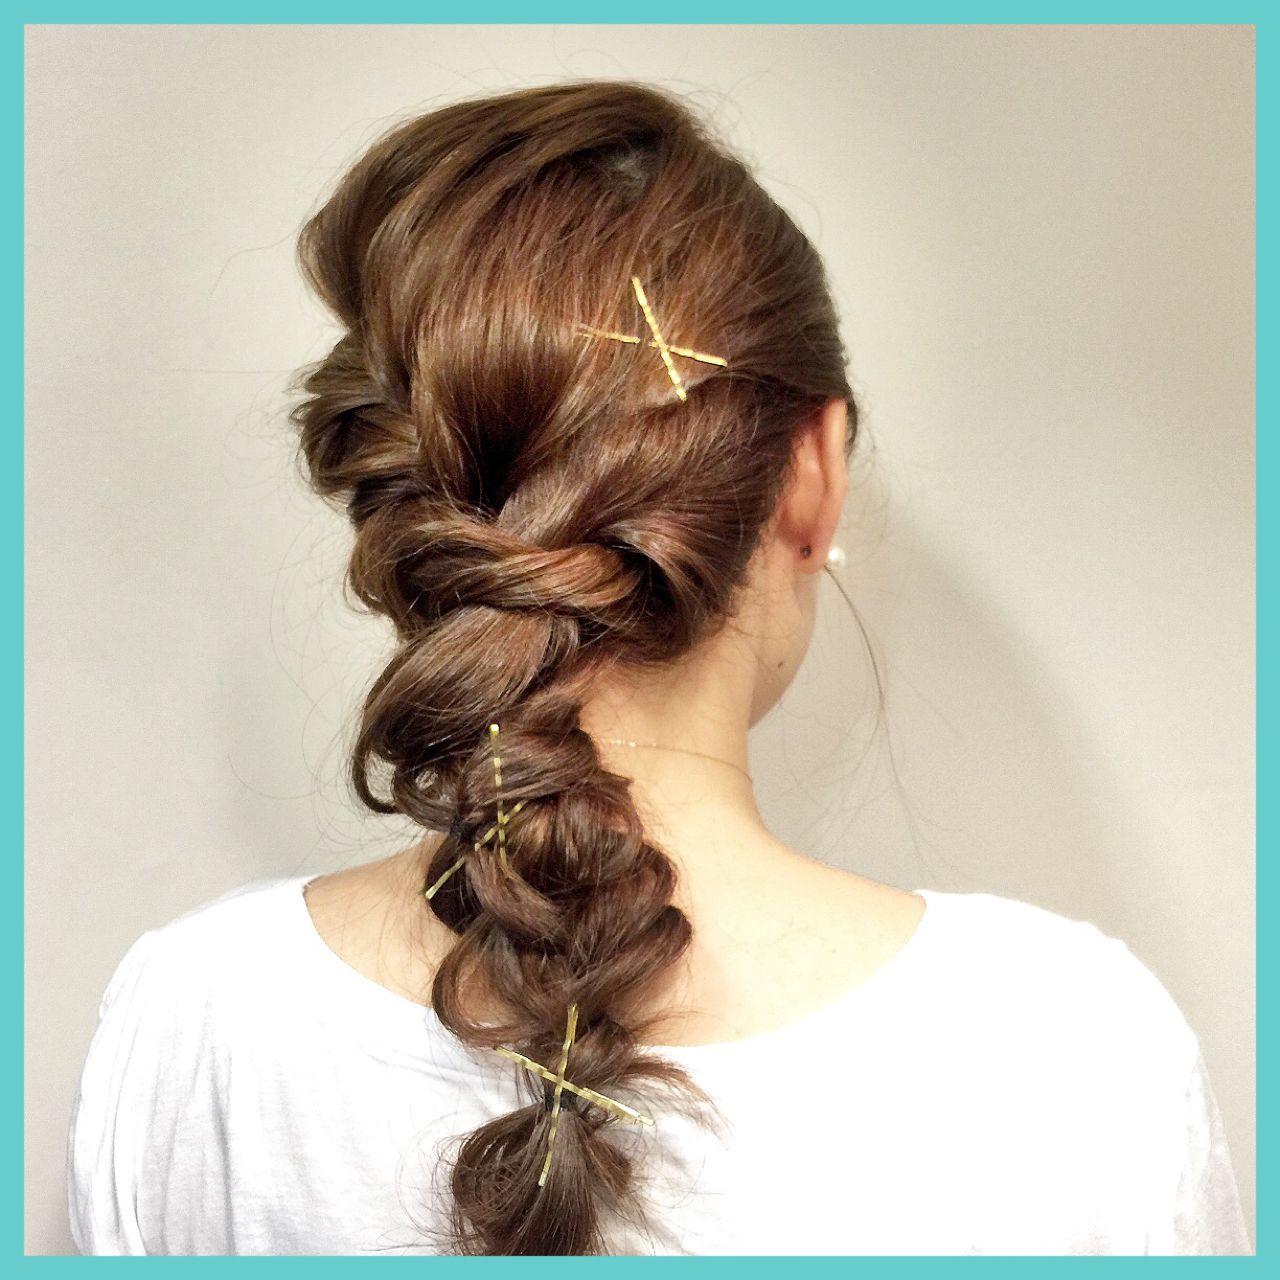 セミロング ヘアアレンジ ヘアピン 編み込み ヘアスタイルや髪型の写真・画像